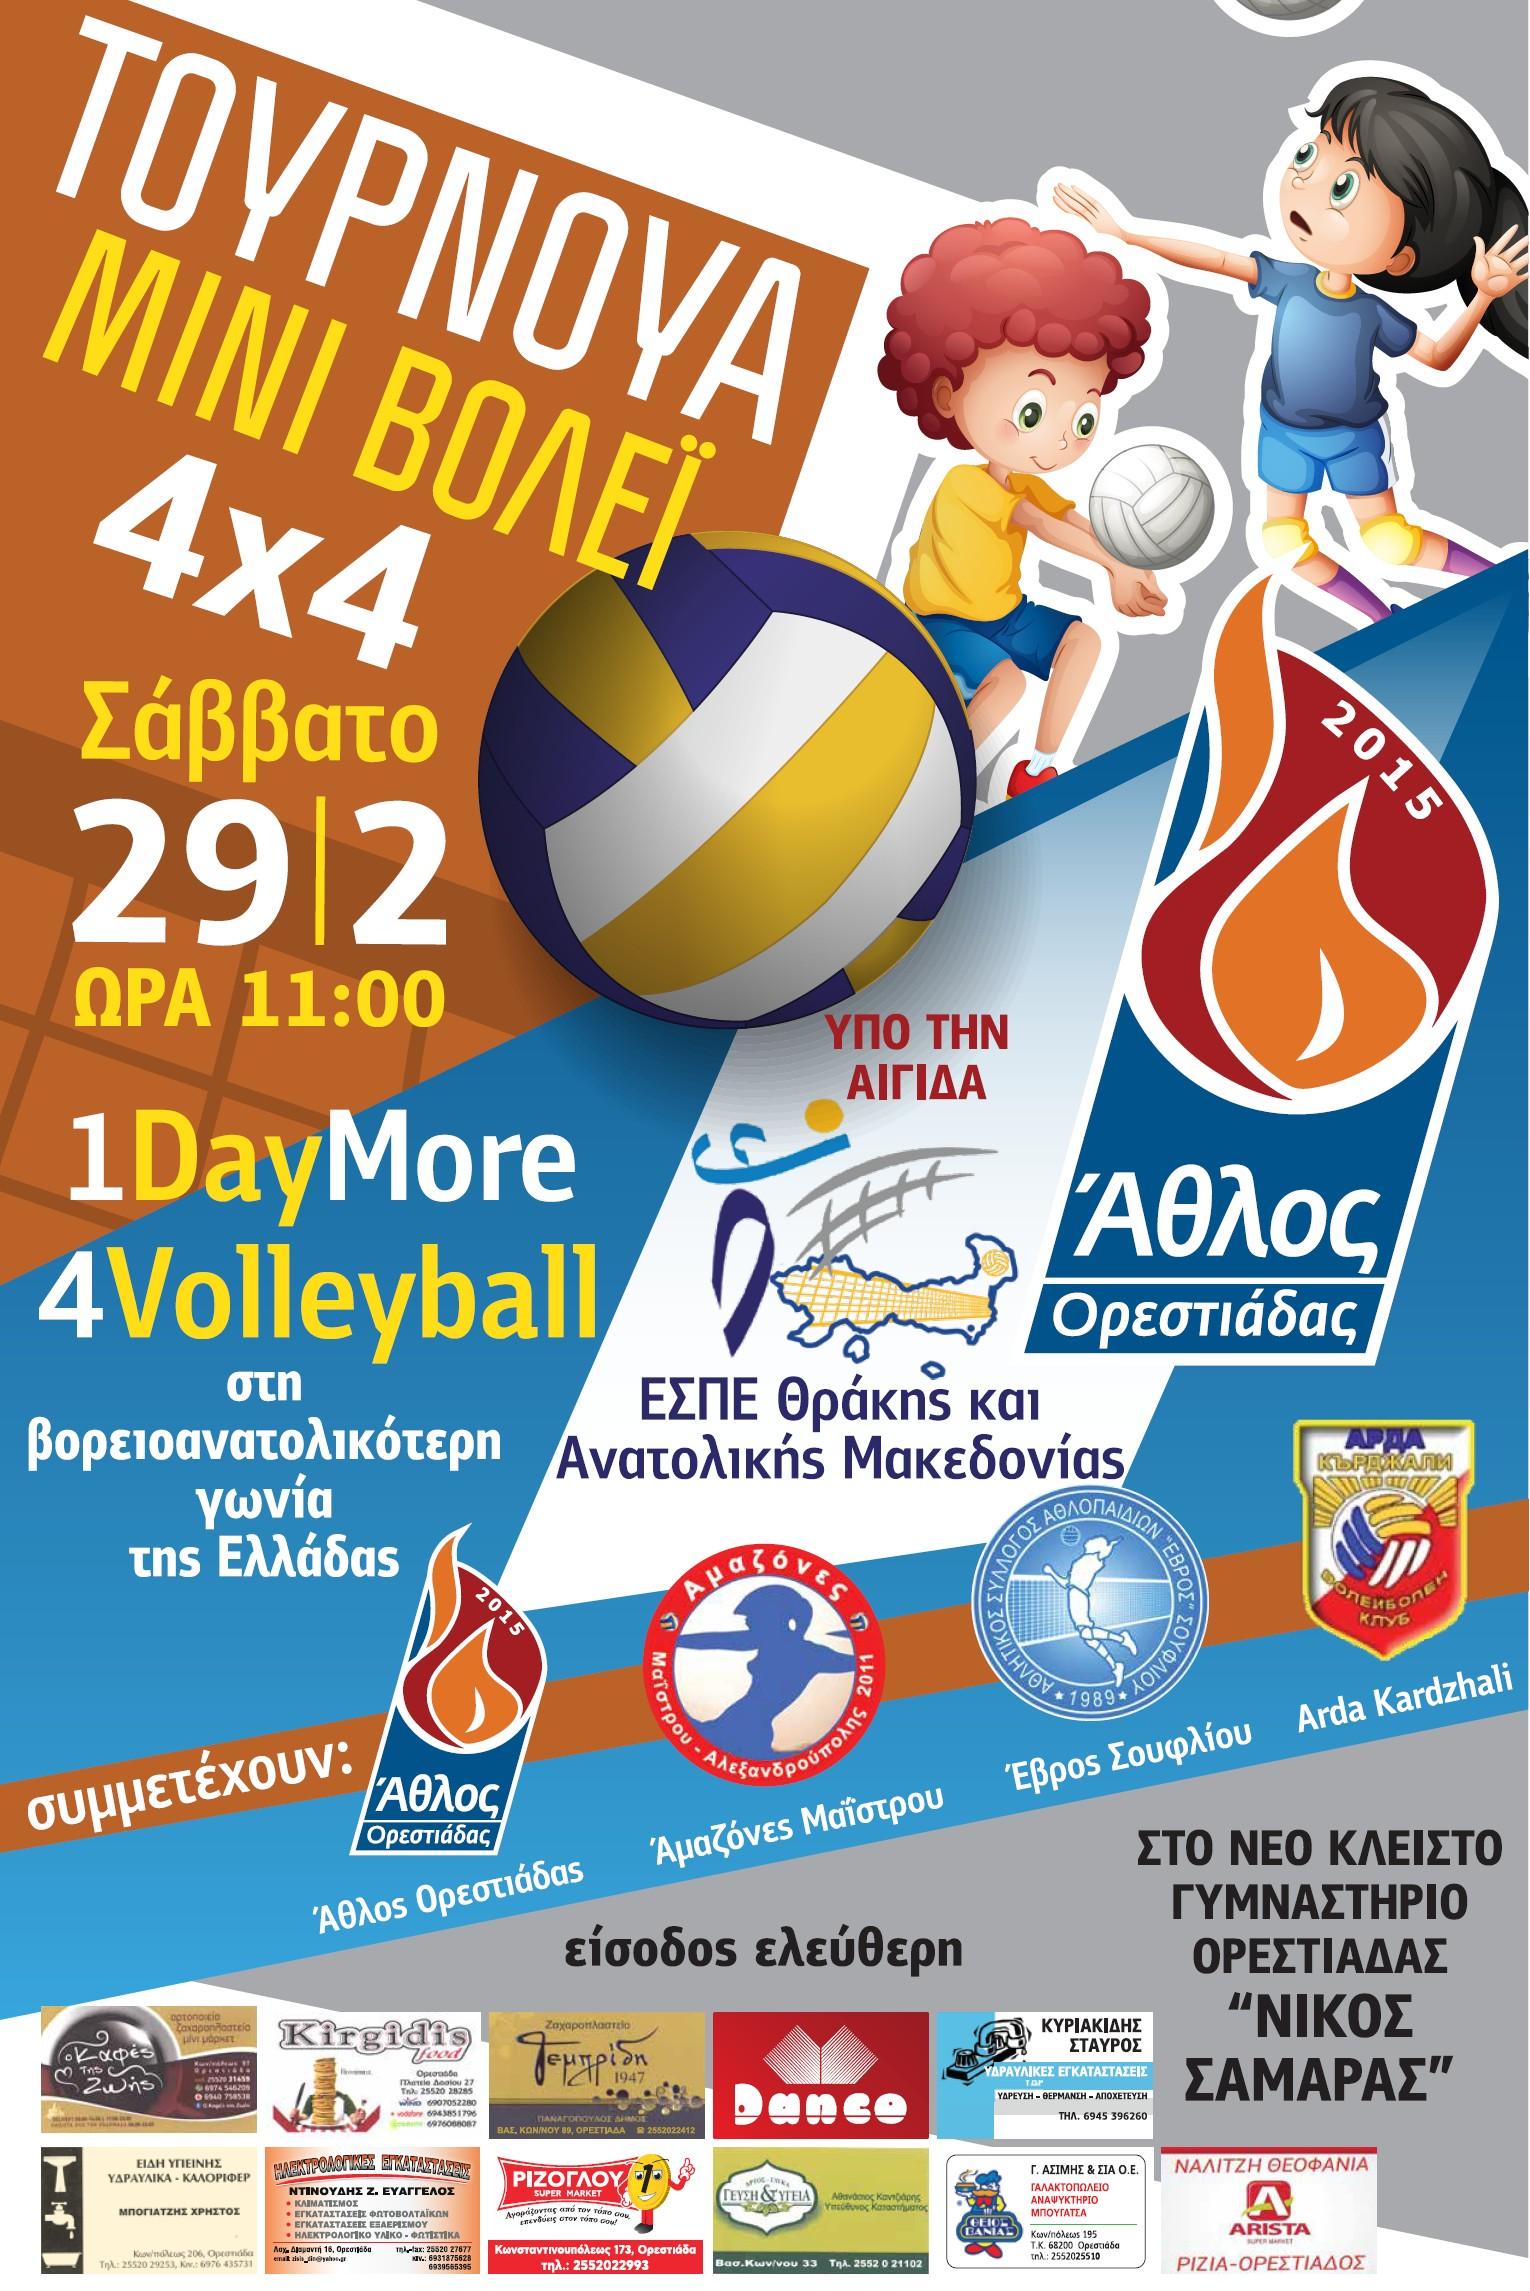 Άθλος Ορεστιάδας: «One More Day 4 Volleyball» ΤΟΥΡΝΟΥΑ ΜΙΝΙ ΒΟΛΕΪ